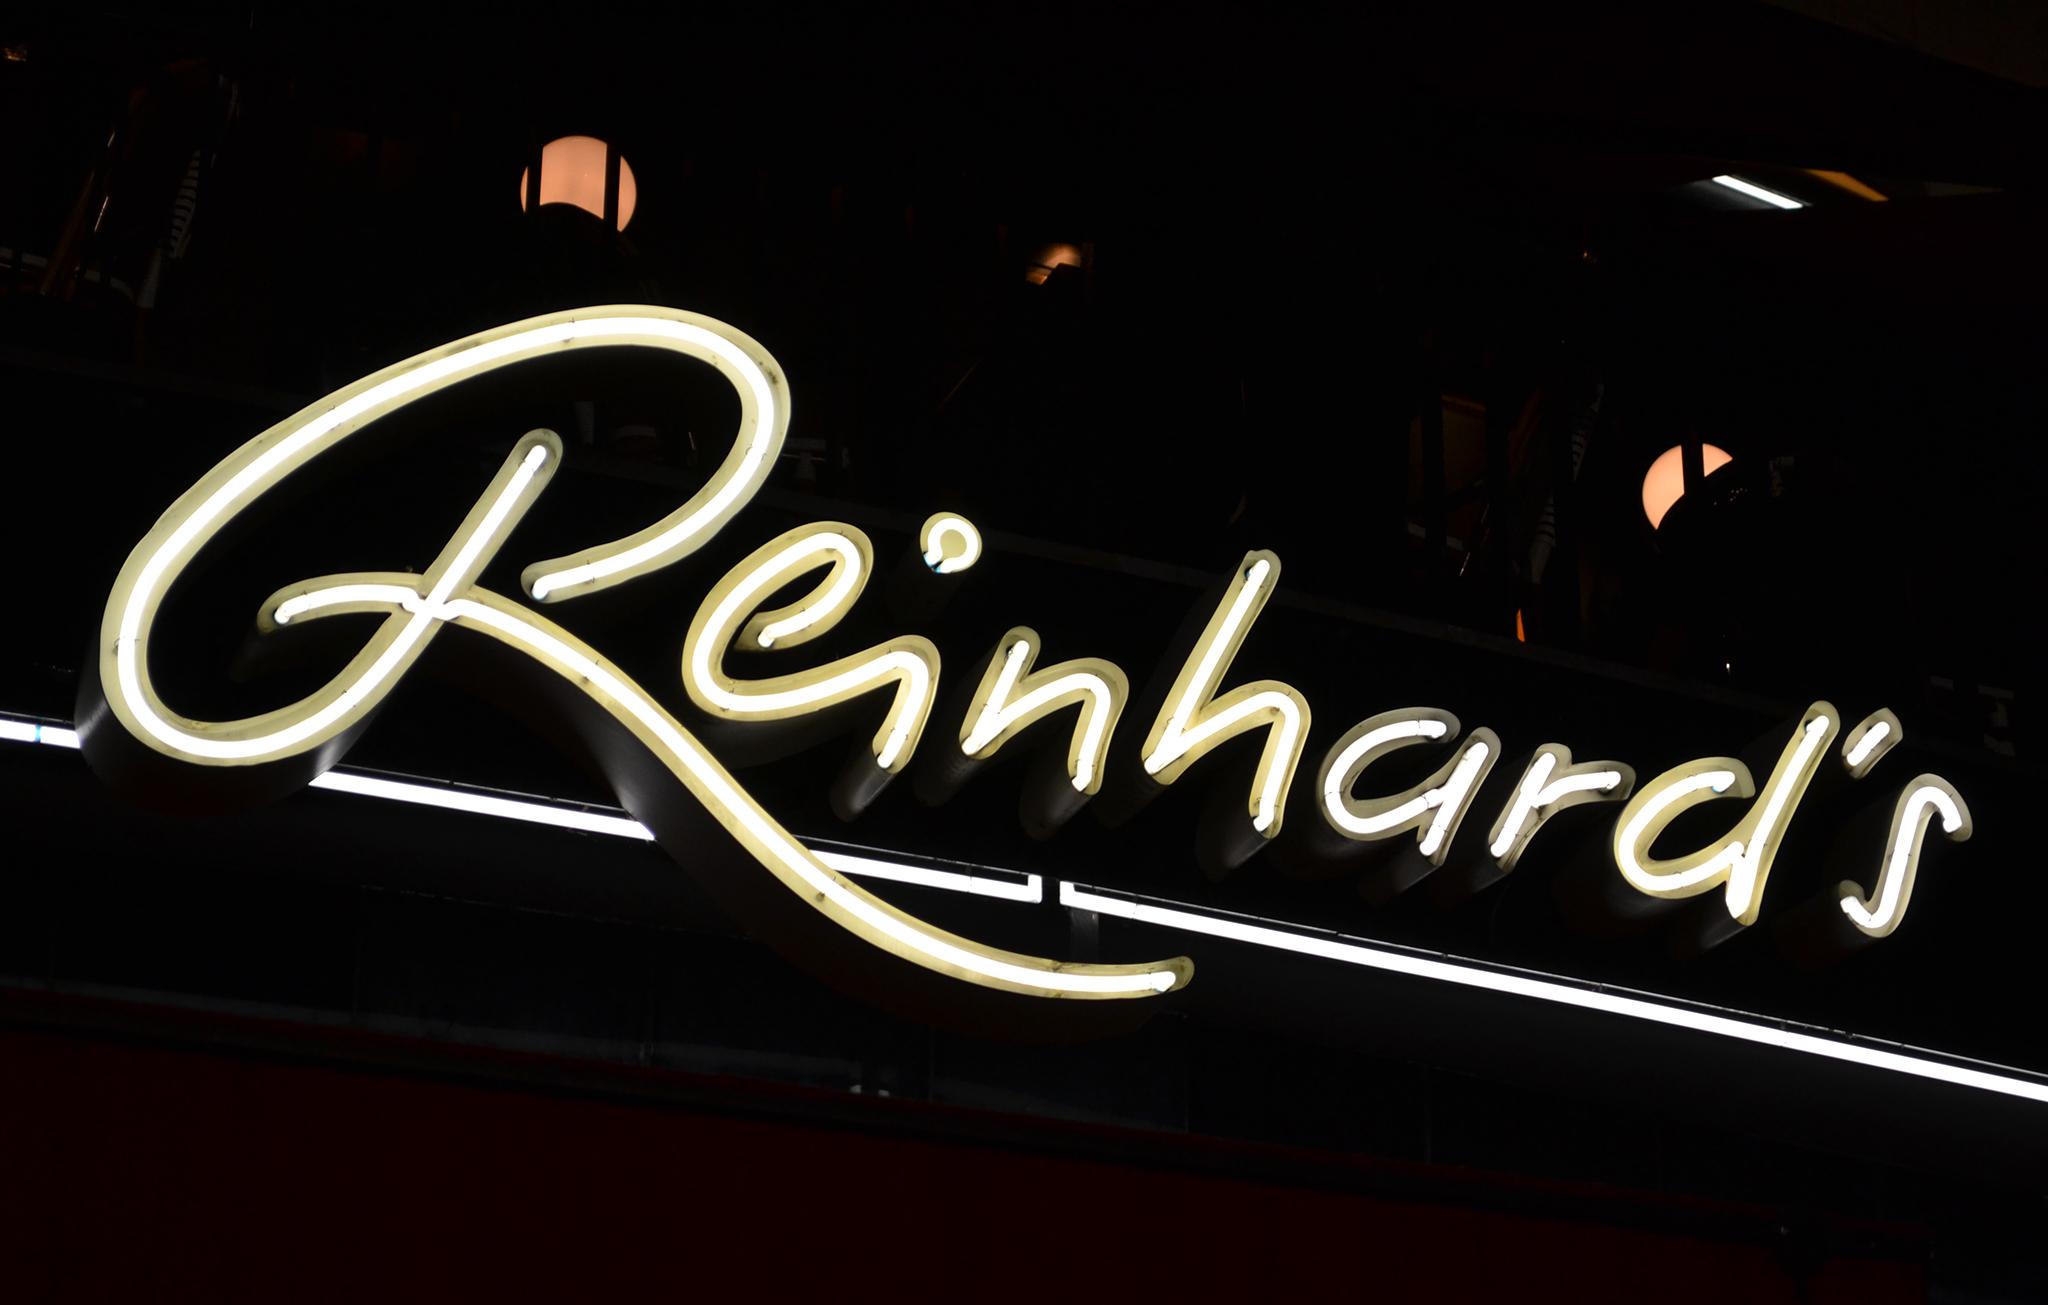 reinhardovo